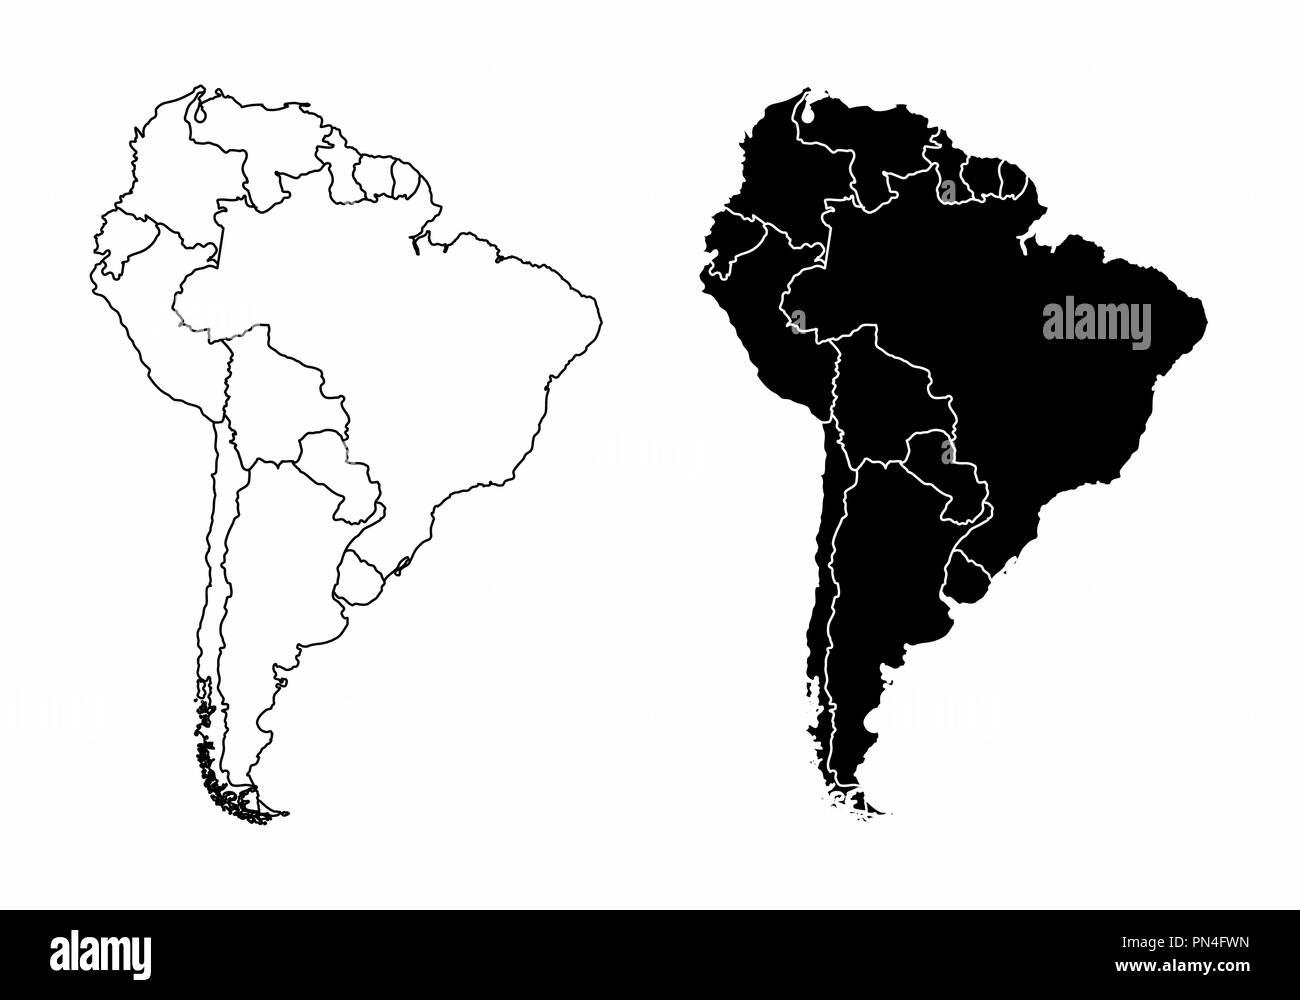 Carte Damerique Du Sud Avec Les Pays.Cartes De La Simplification De L Amerique Du Sud Avec Les Pays